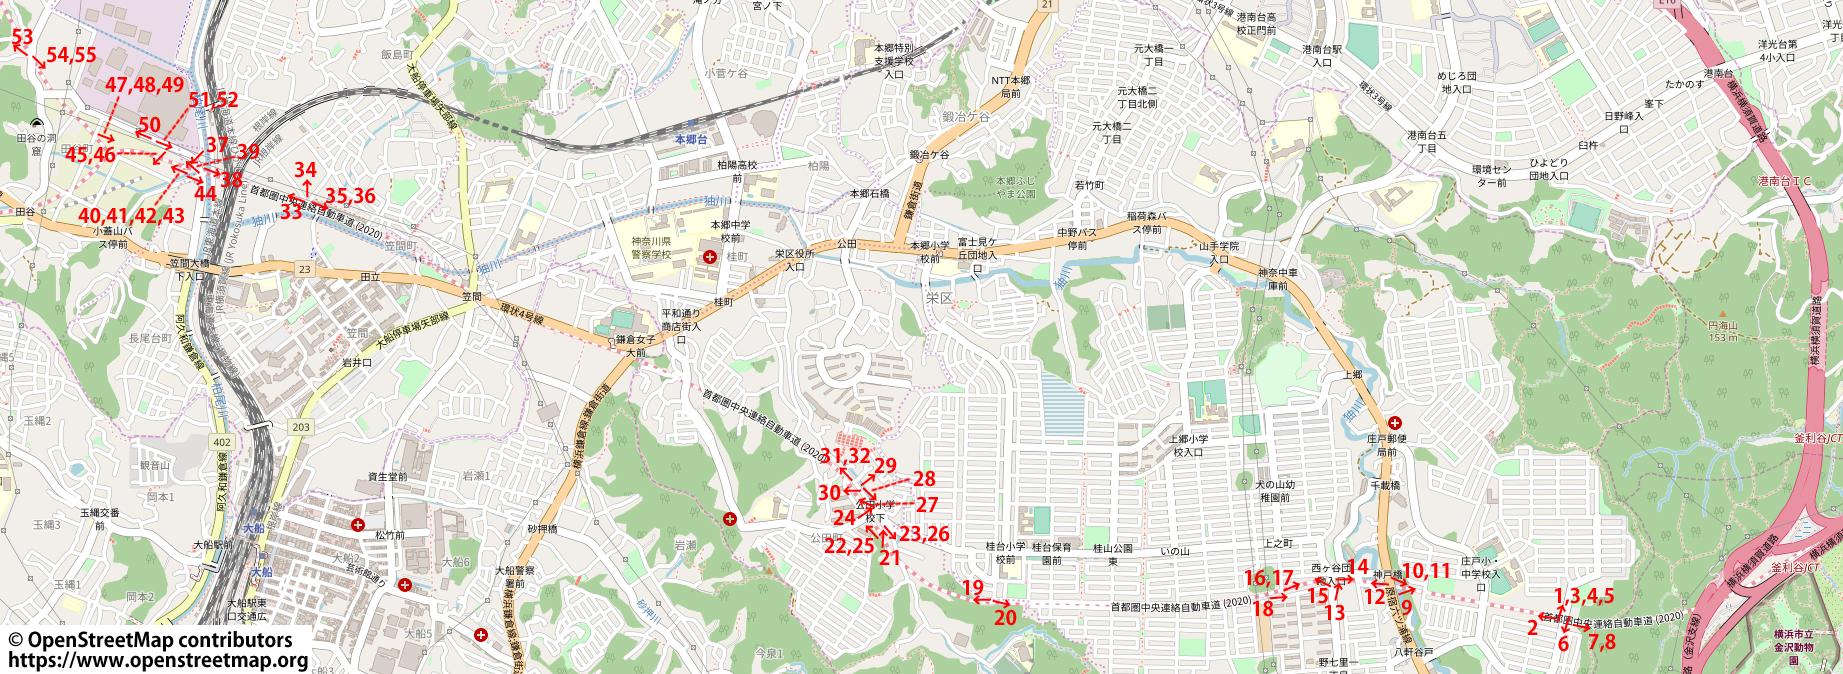 横浜環状南線 2018年12月23日時点 撮影場所